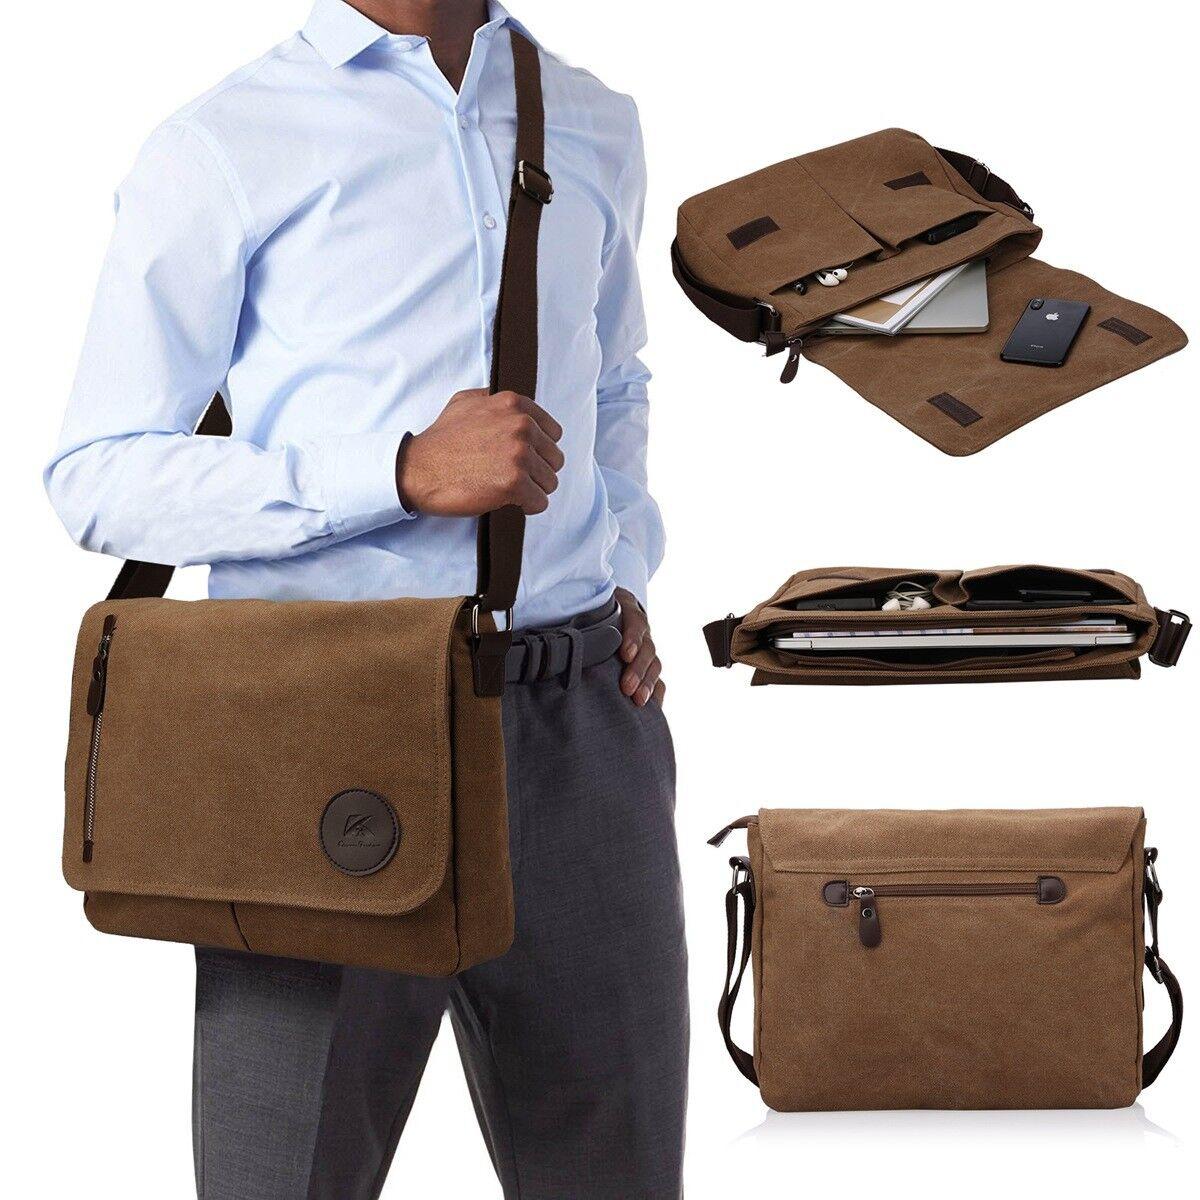 13 - 14 Inch Laptop Work Messenger Bag for Macbook Pro/HP/De